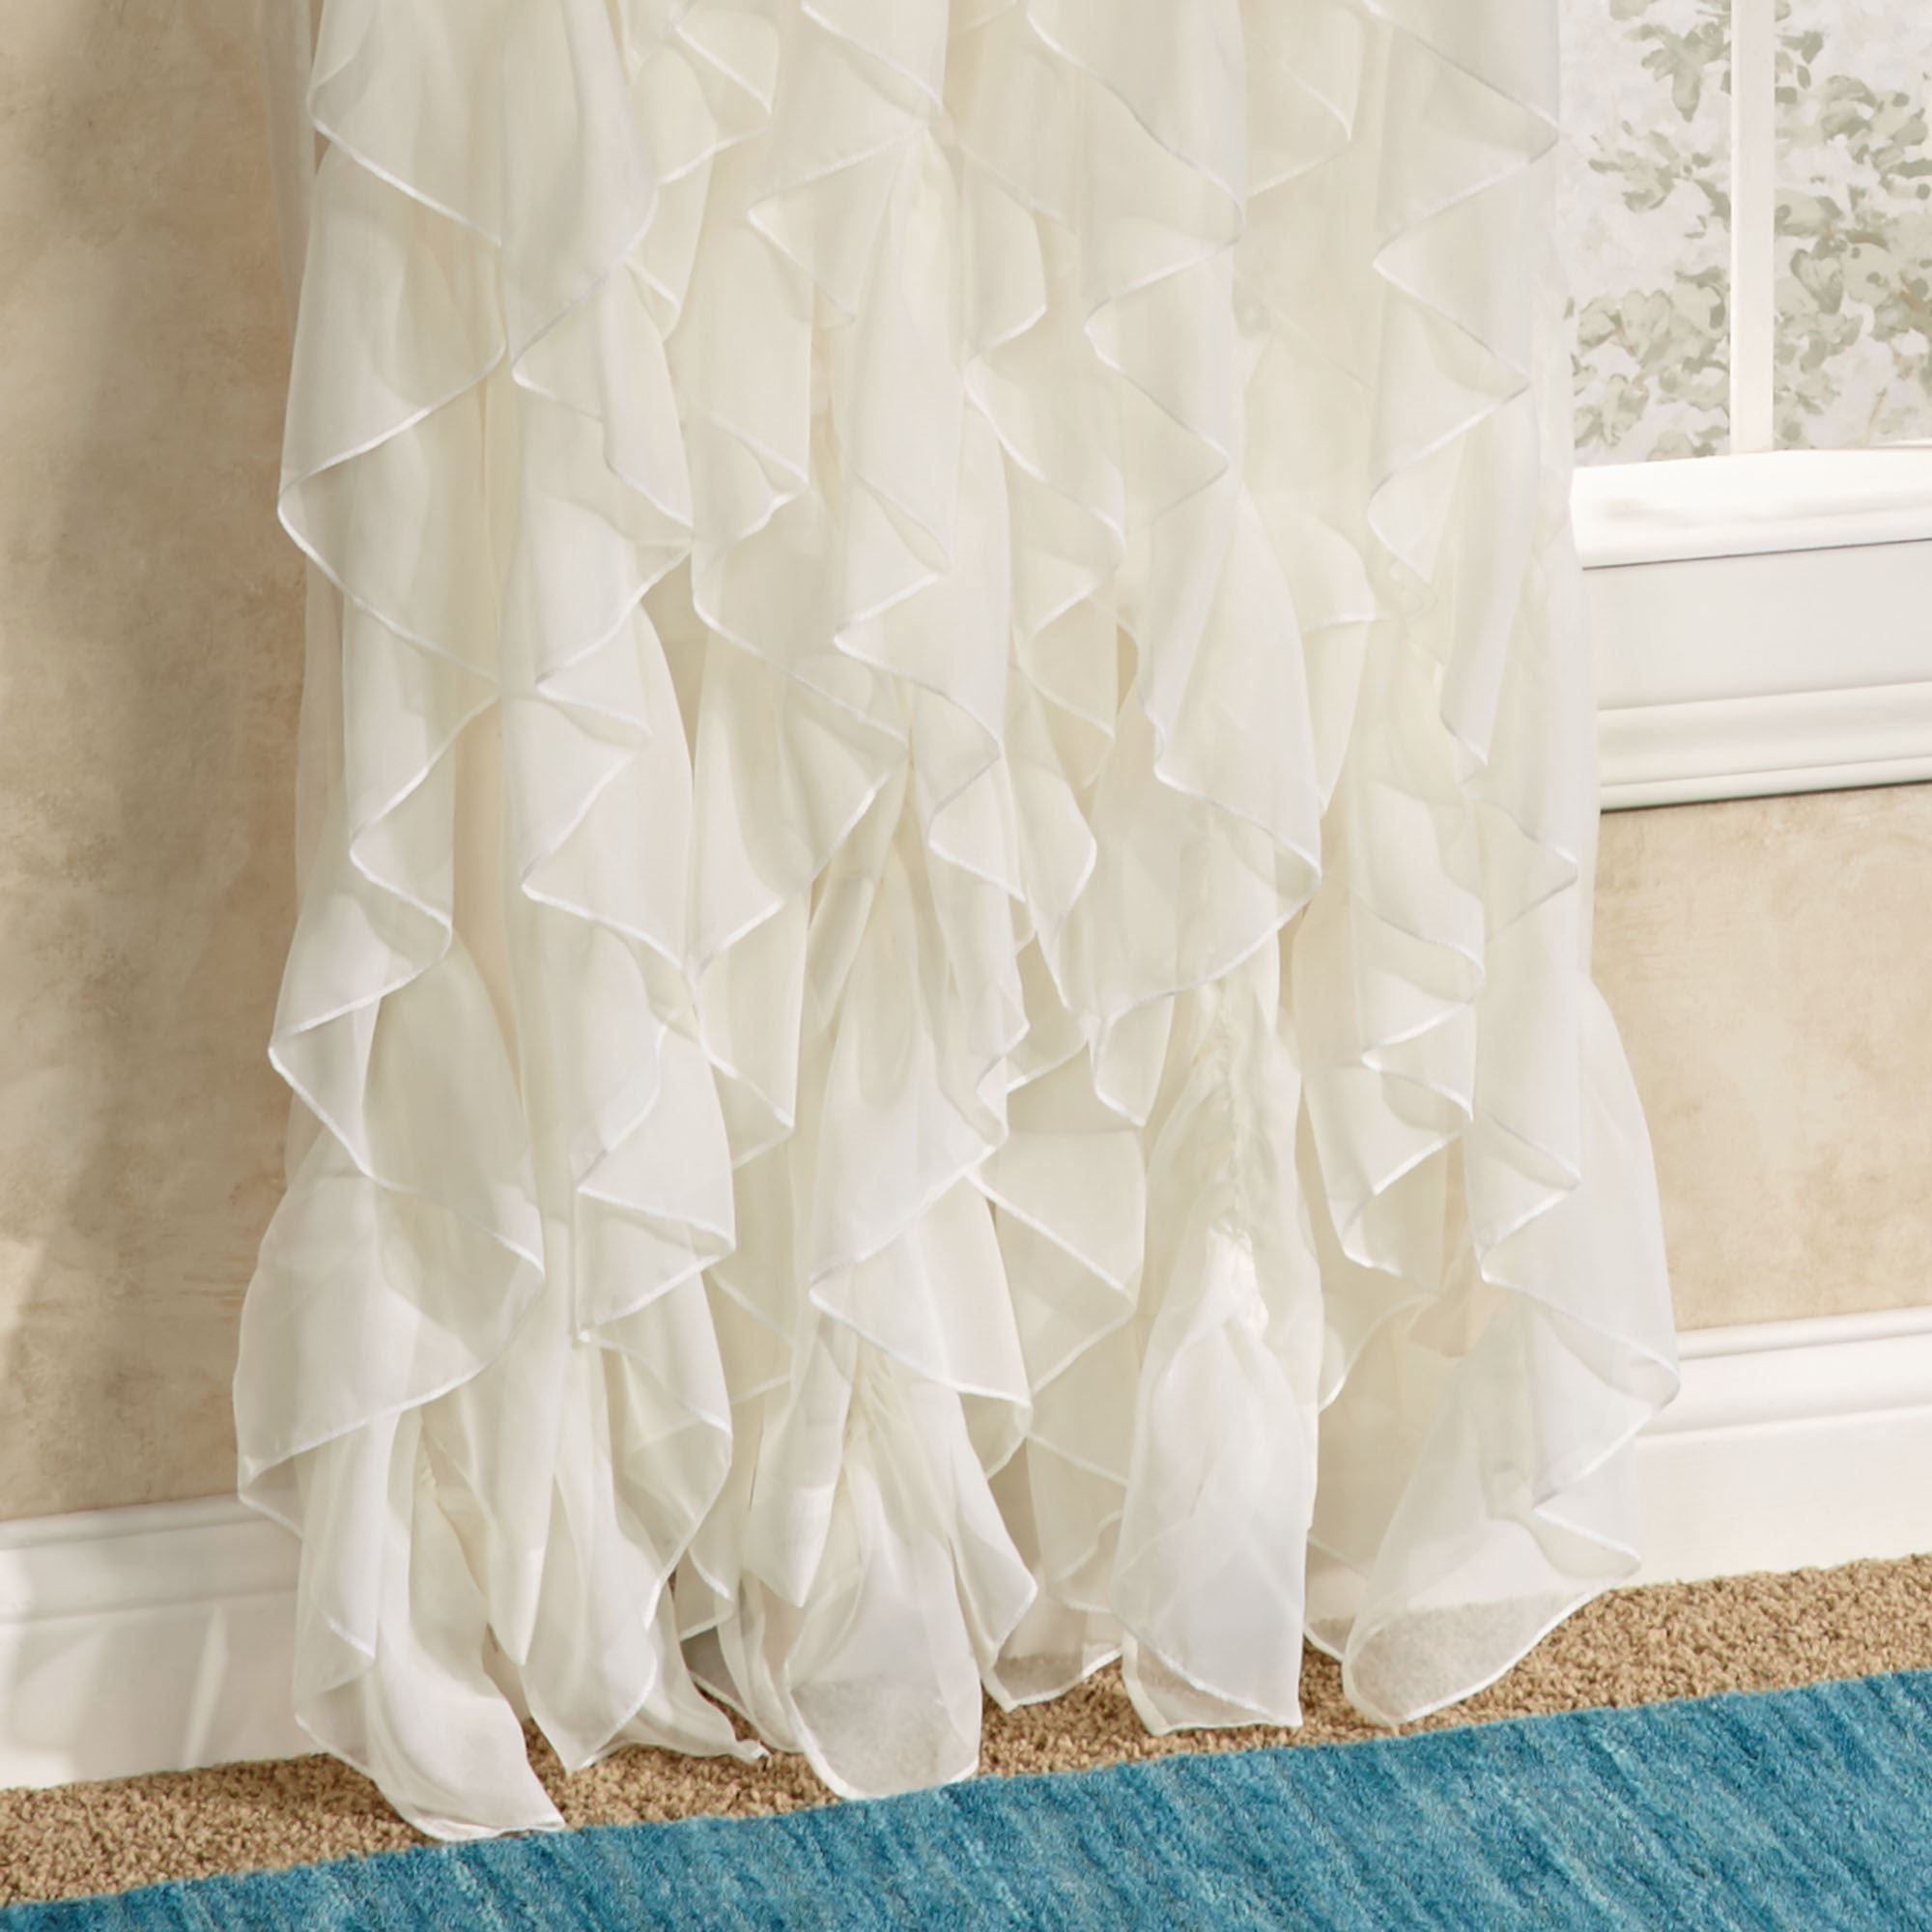 silk voile curtain white orange curtains sheer gradient sunkist panel set